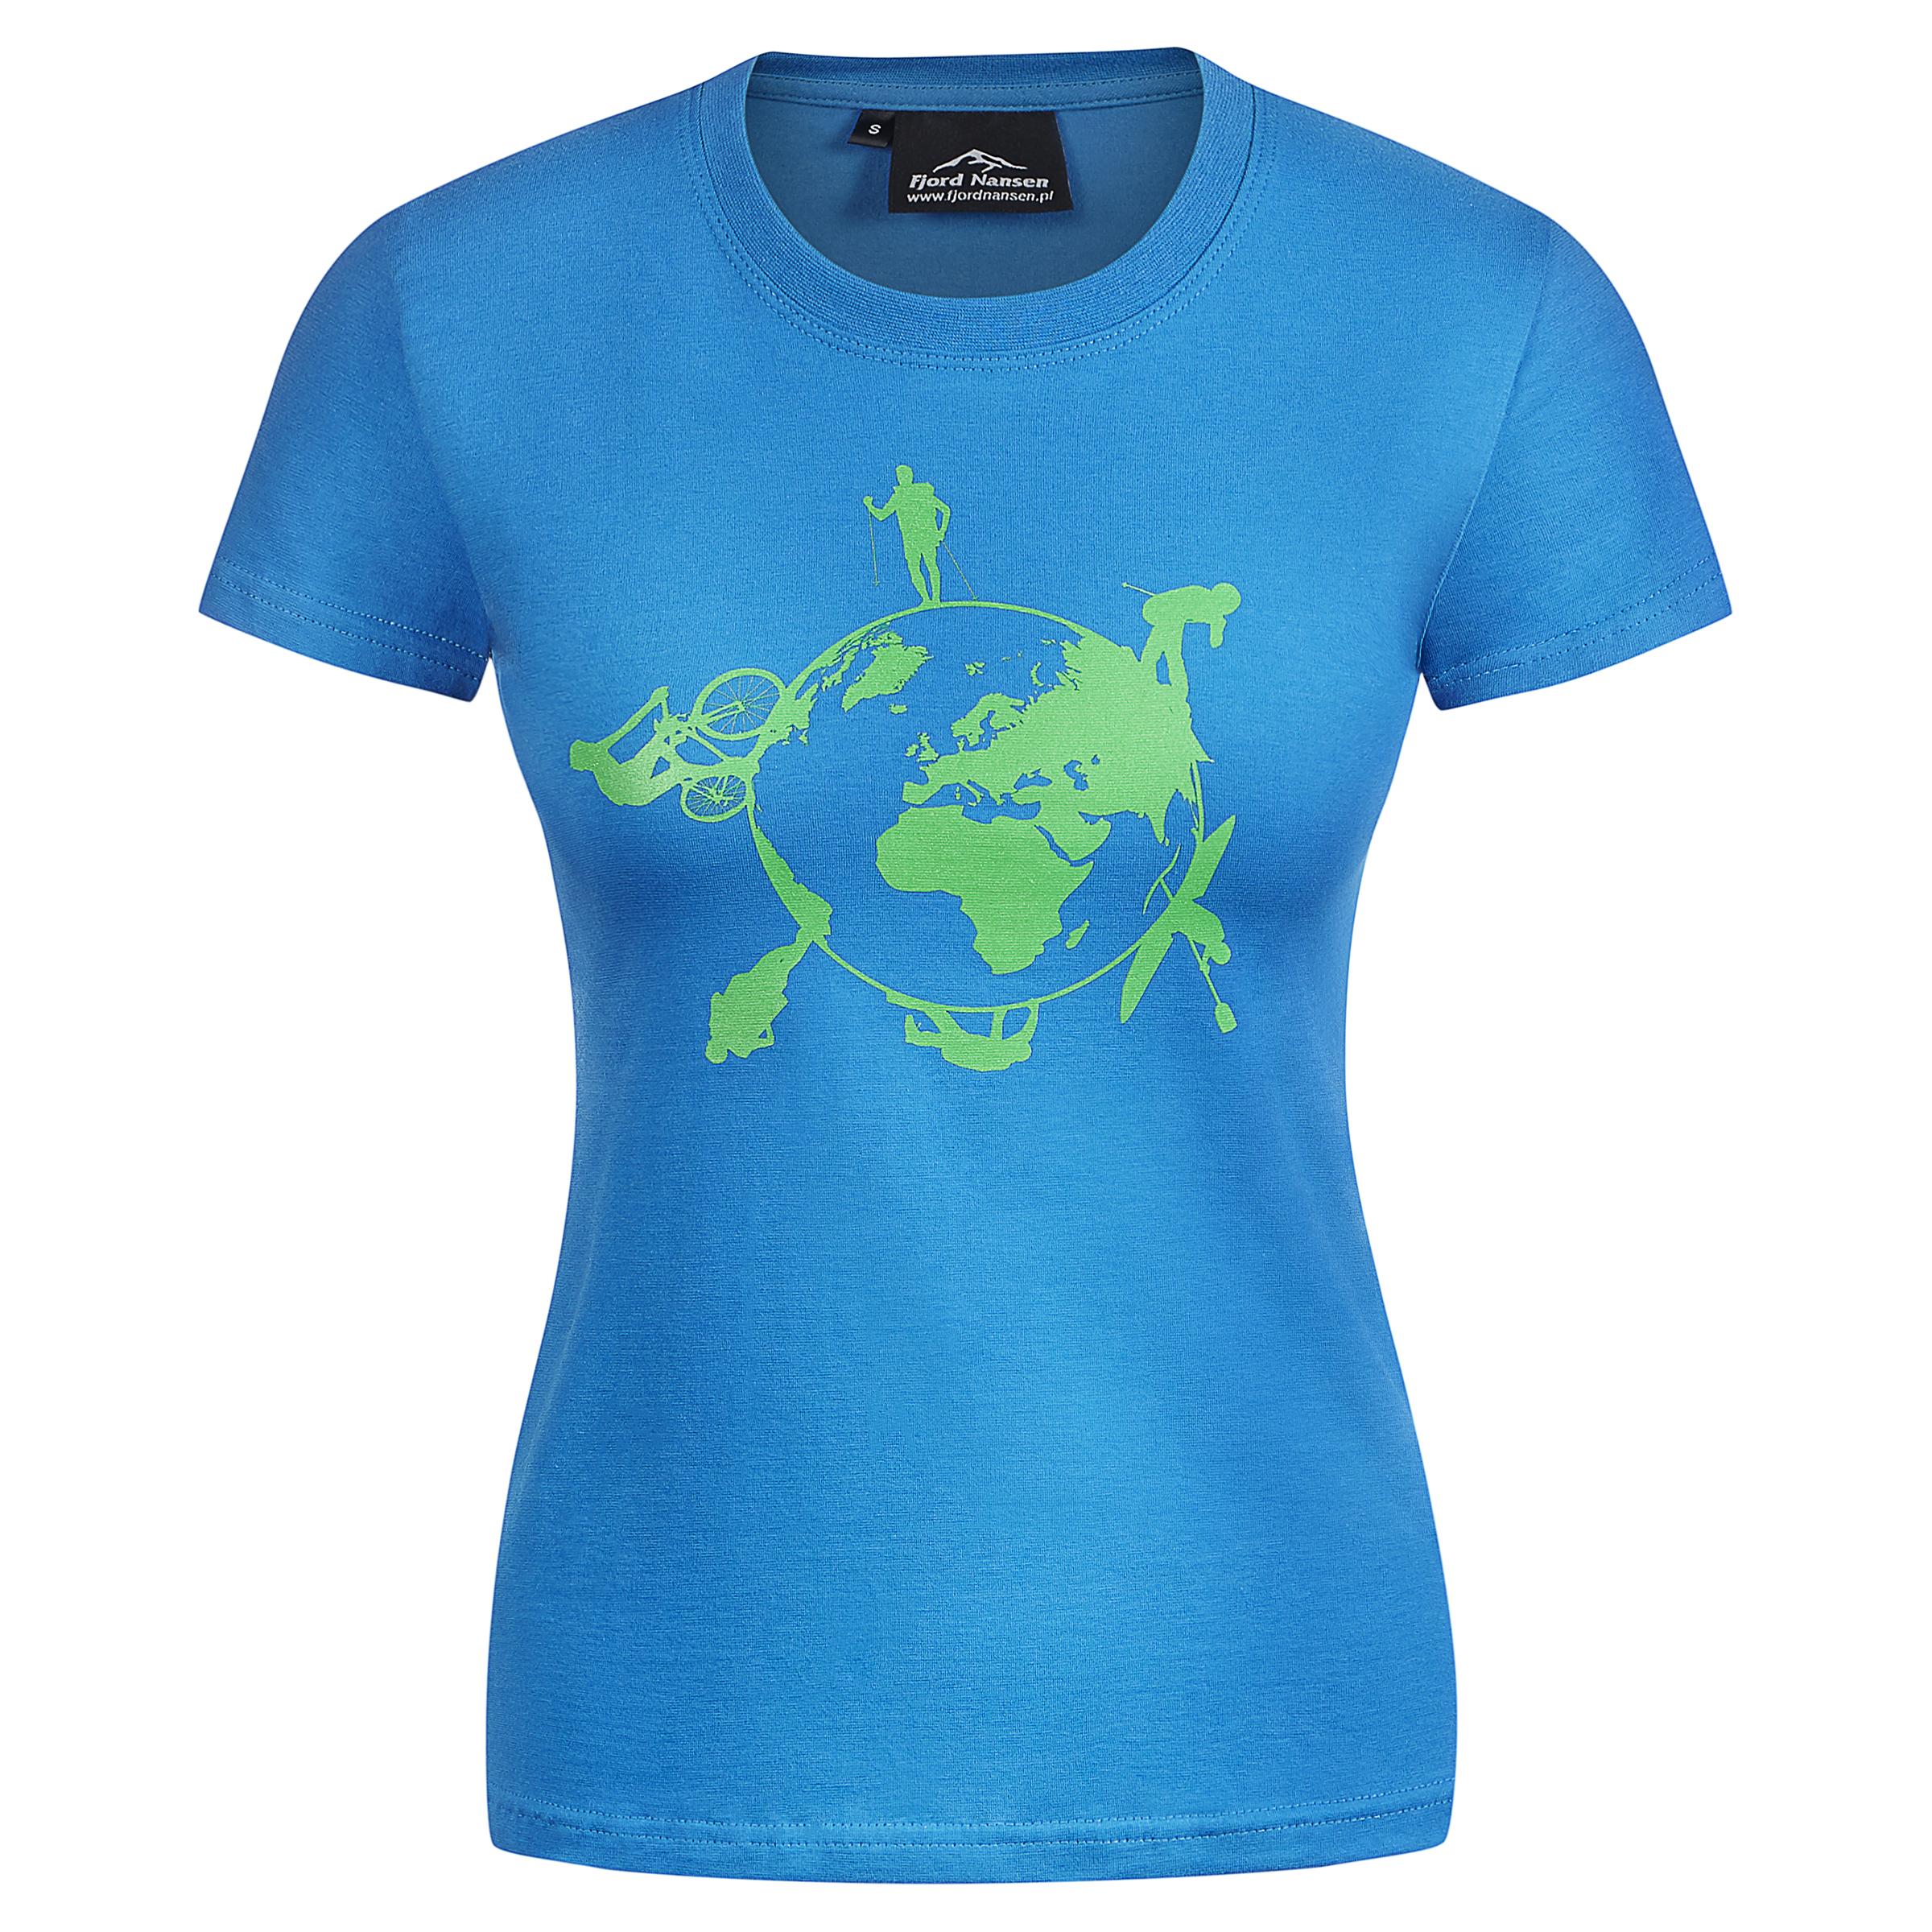 912e3fa85817a Футболка Fjord Nansen EARTH WOMEN T-SHIRT. Цена 736,00 грн